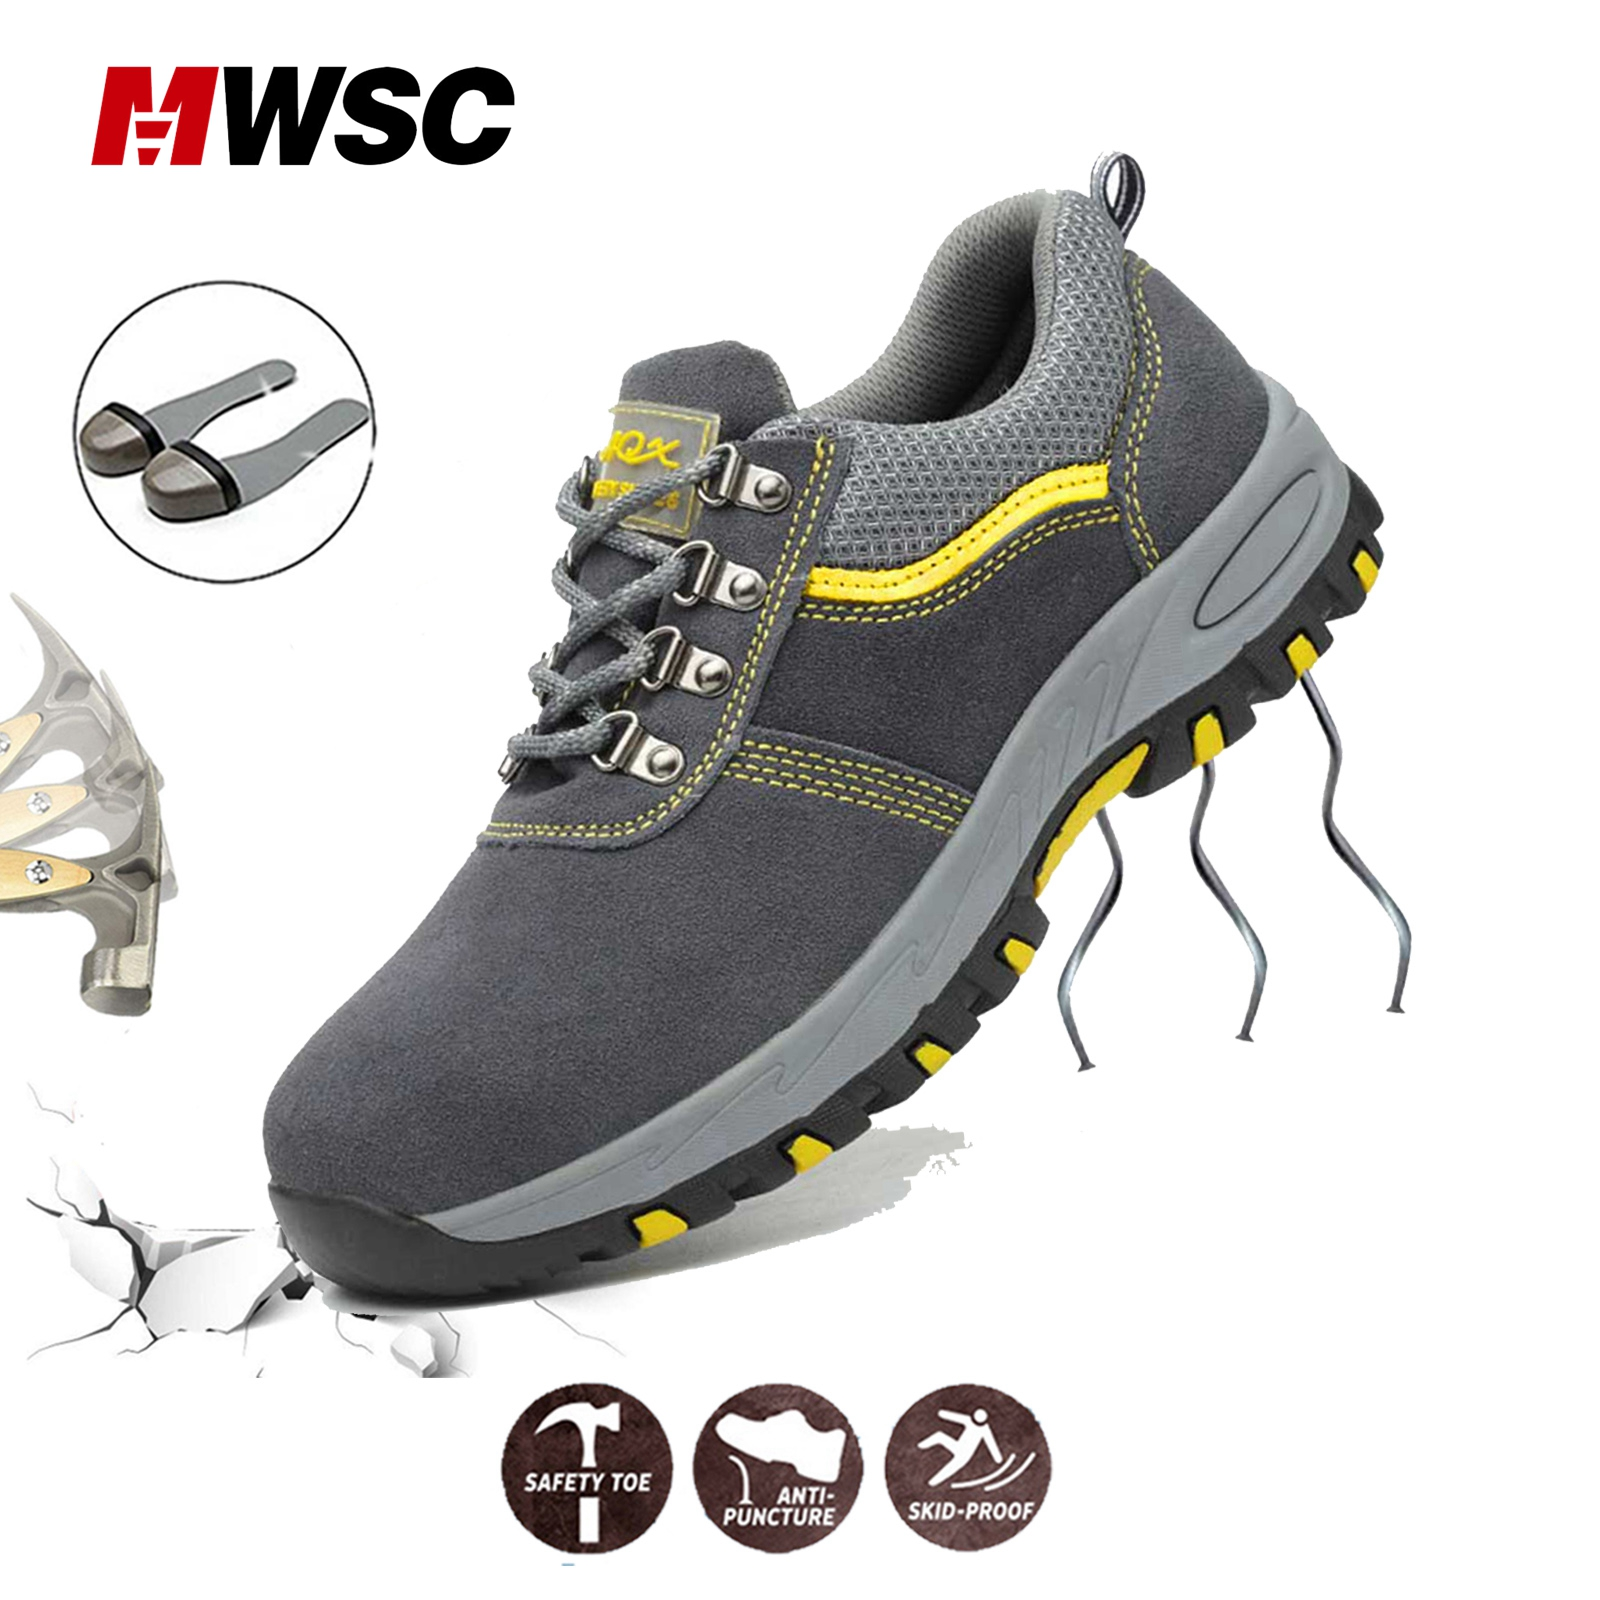 Homem Sapatos Homem Botas de Trabalho Biqueira de Aço Sapatos de Segurança do Trabalho Sapatos Anti-Punção Prova de Construção Ao Ar Livre Tênis De Segurança para o Homem